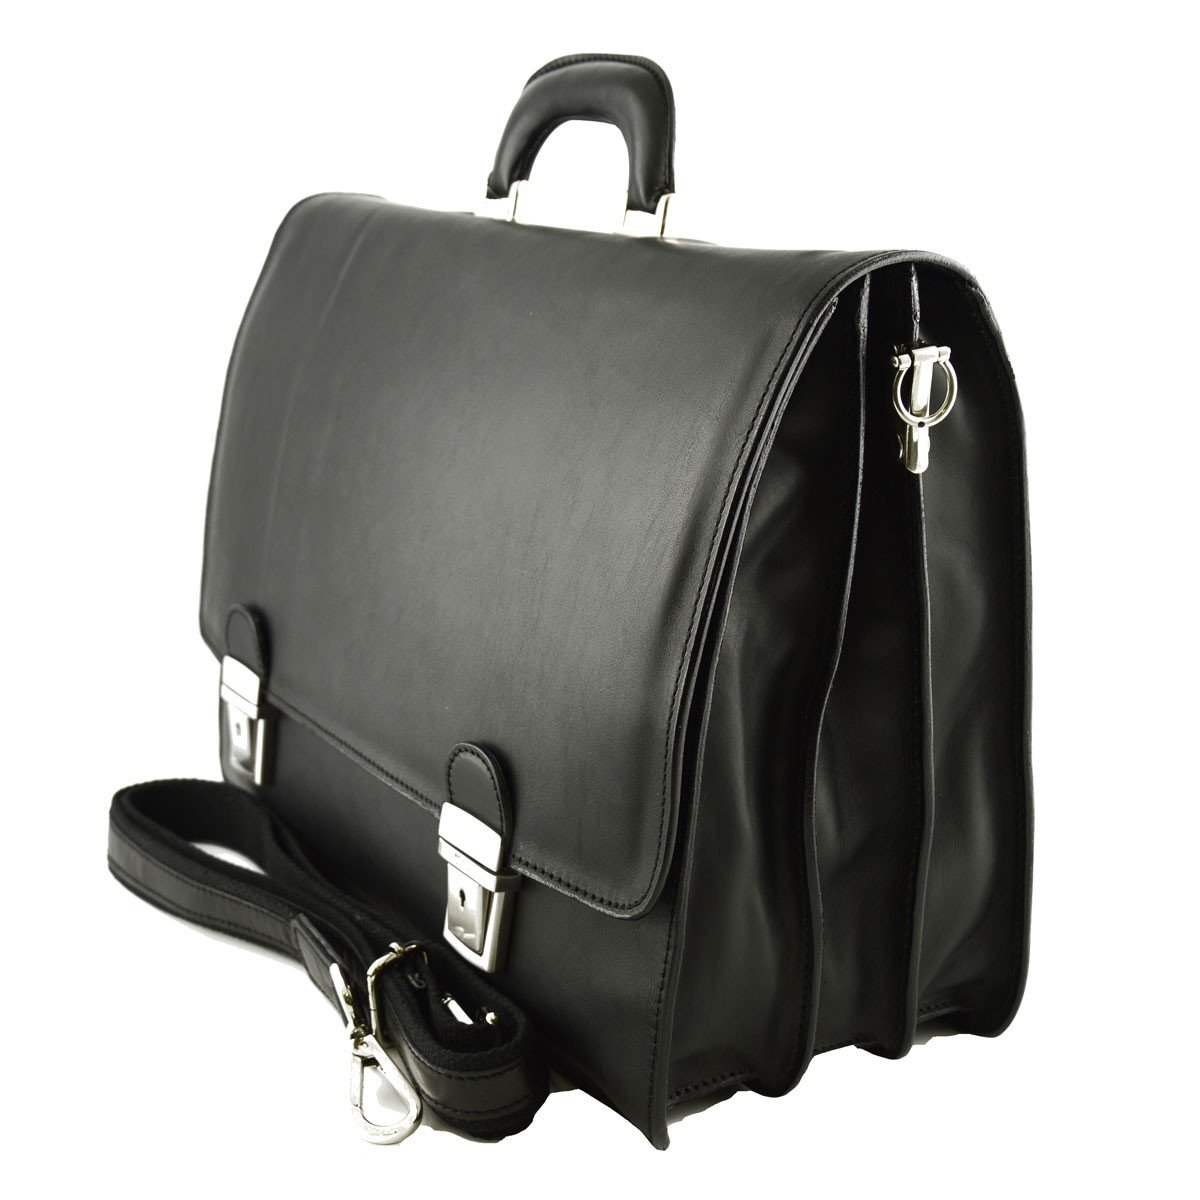 Genuine Leather Business Bag Color Black